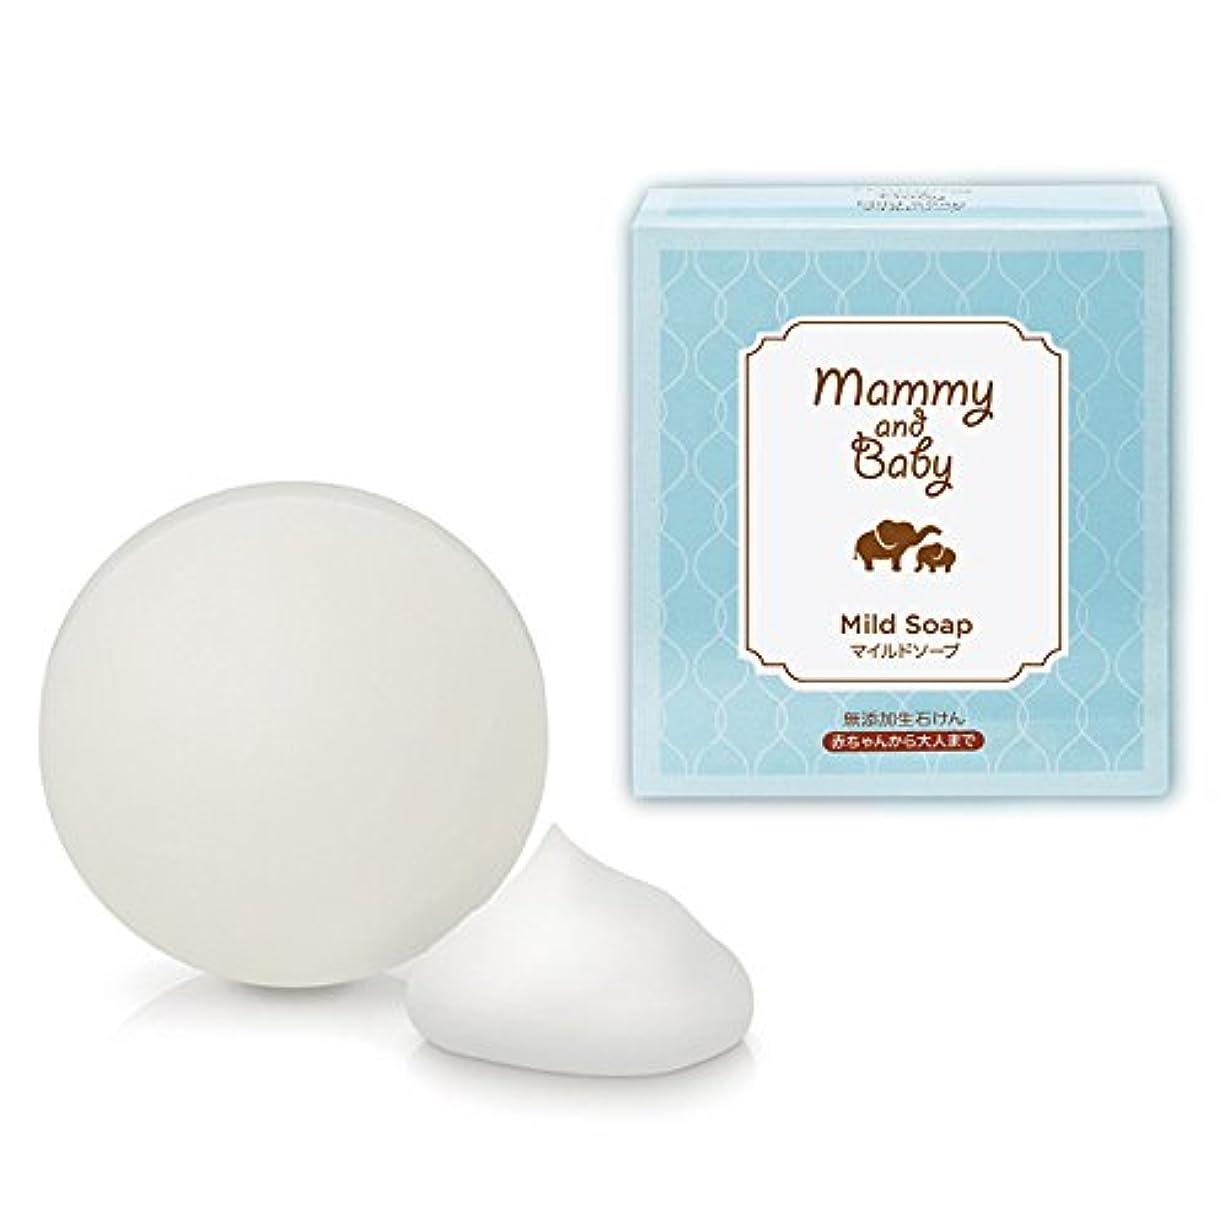 削除する耳削除するMammy&baby マイルドソープ 80g